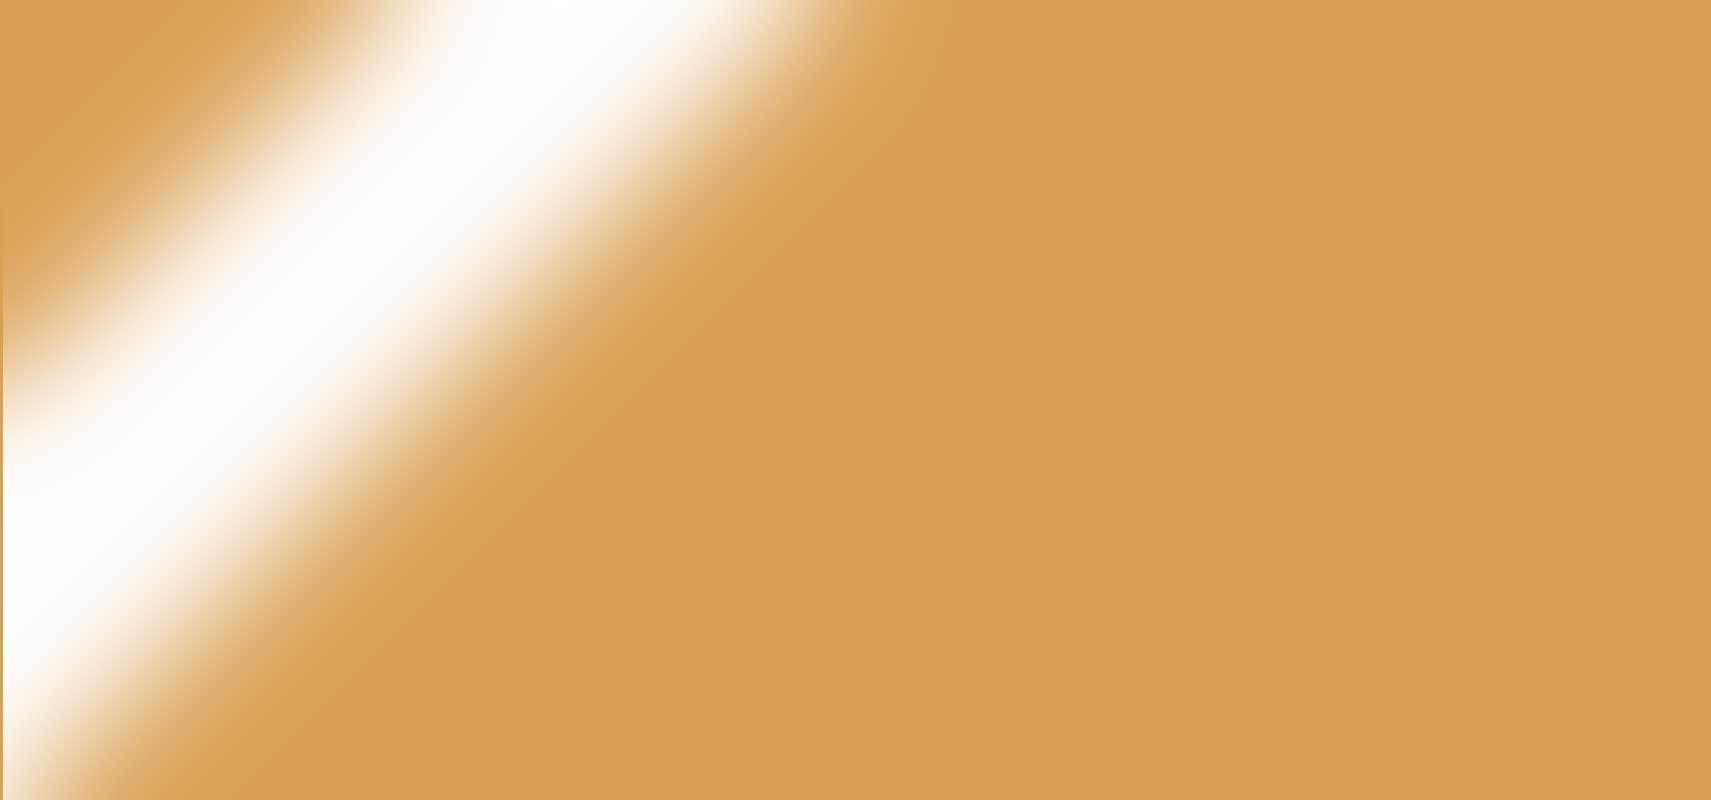 Aduis Acryliic Acrylfarbe - 500 ml, gold